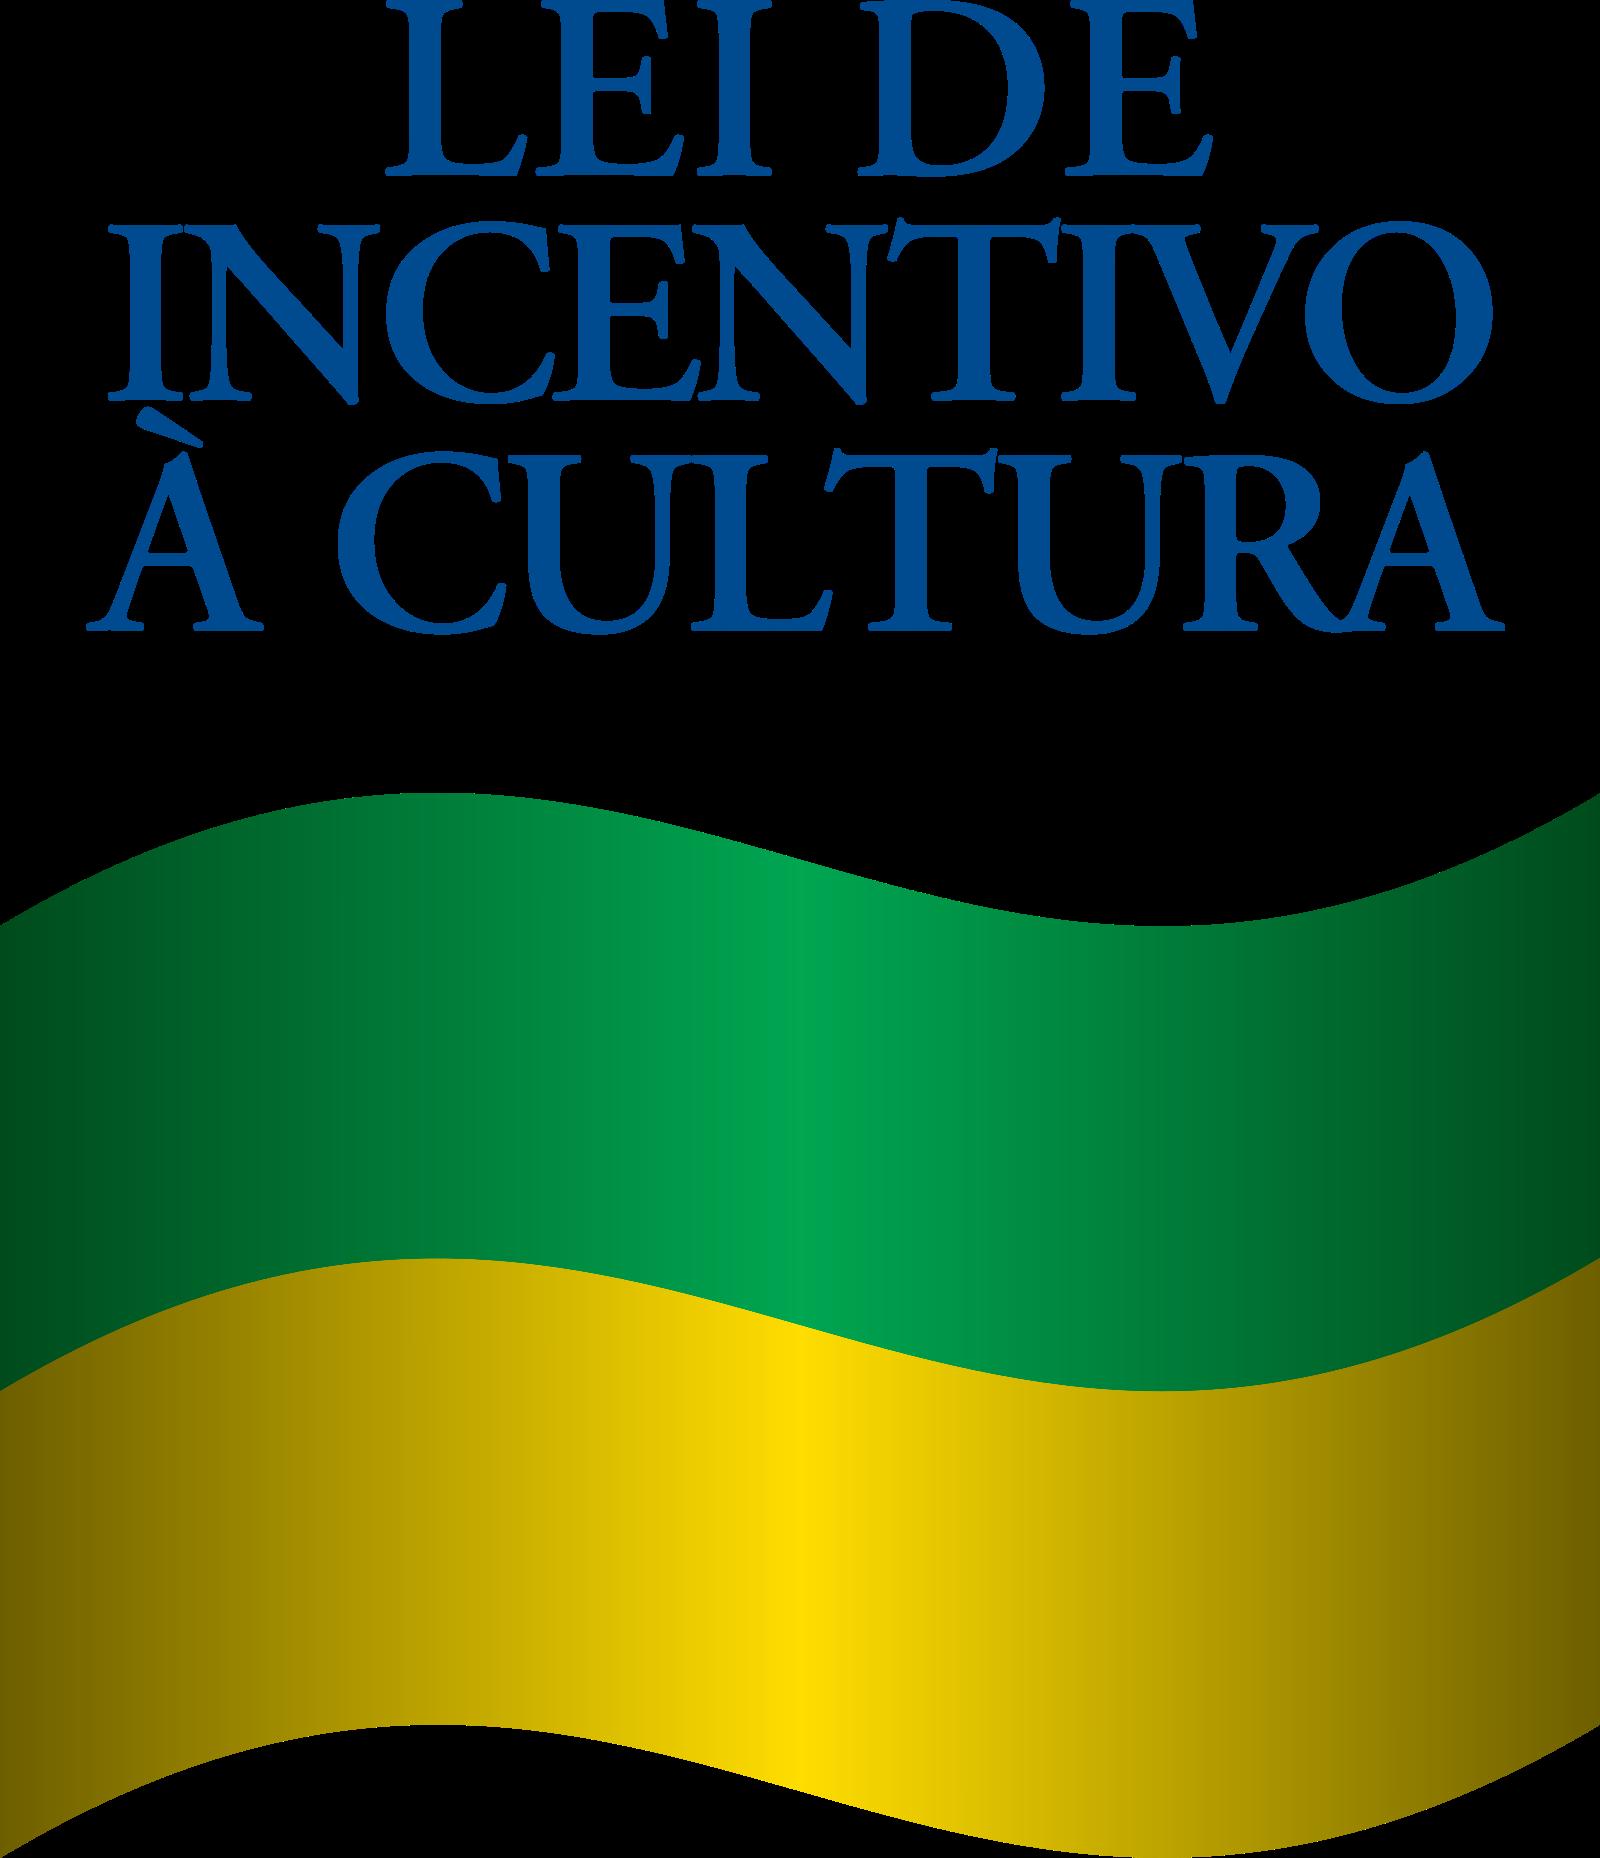 Lei de incentivo à cultura Logo.